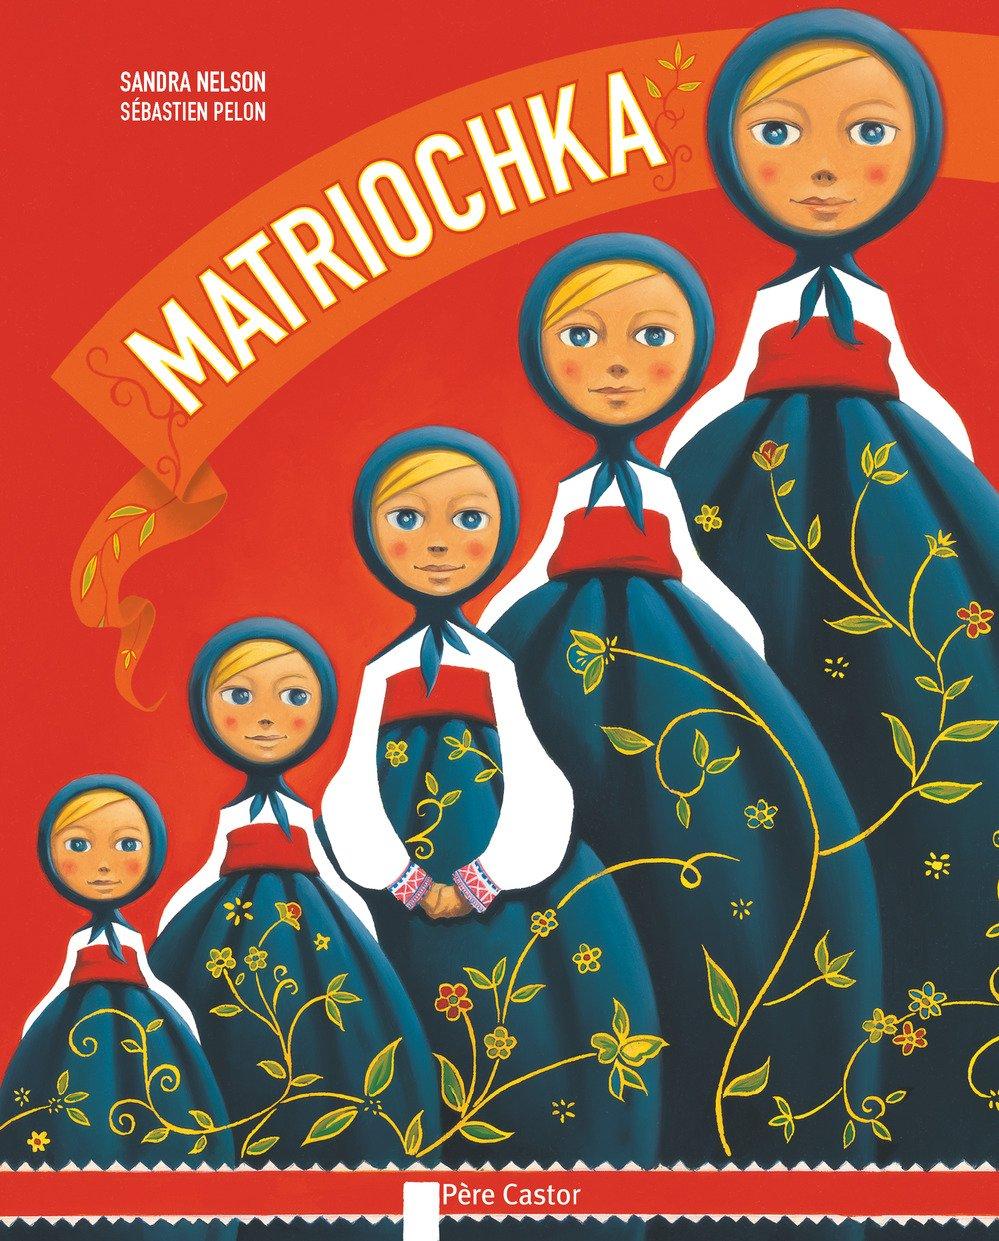 """Résultat de recherche d'images pour """"matriochkas album"""""""""""